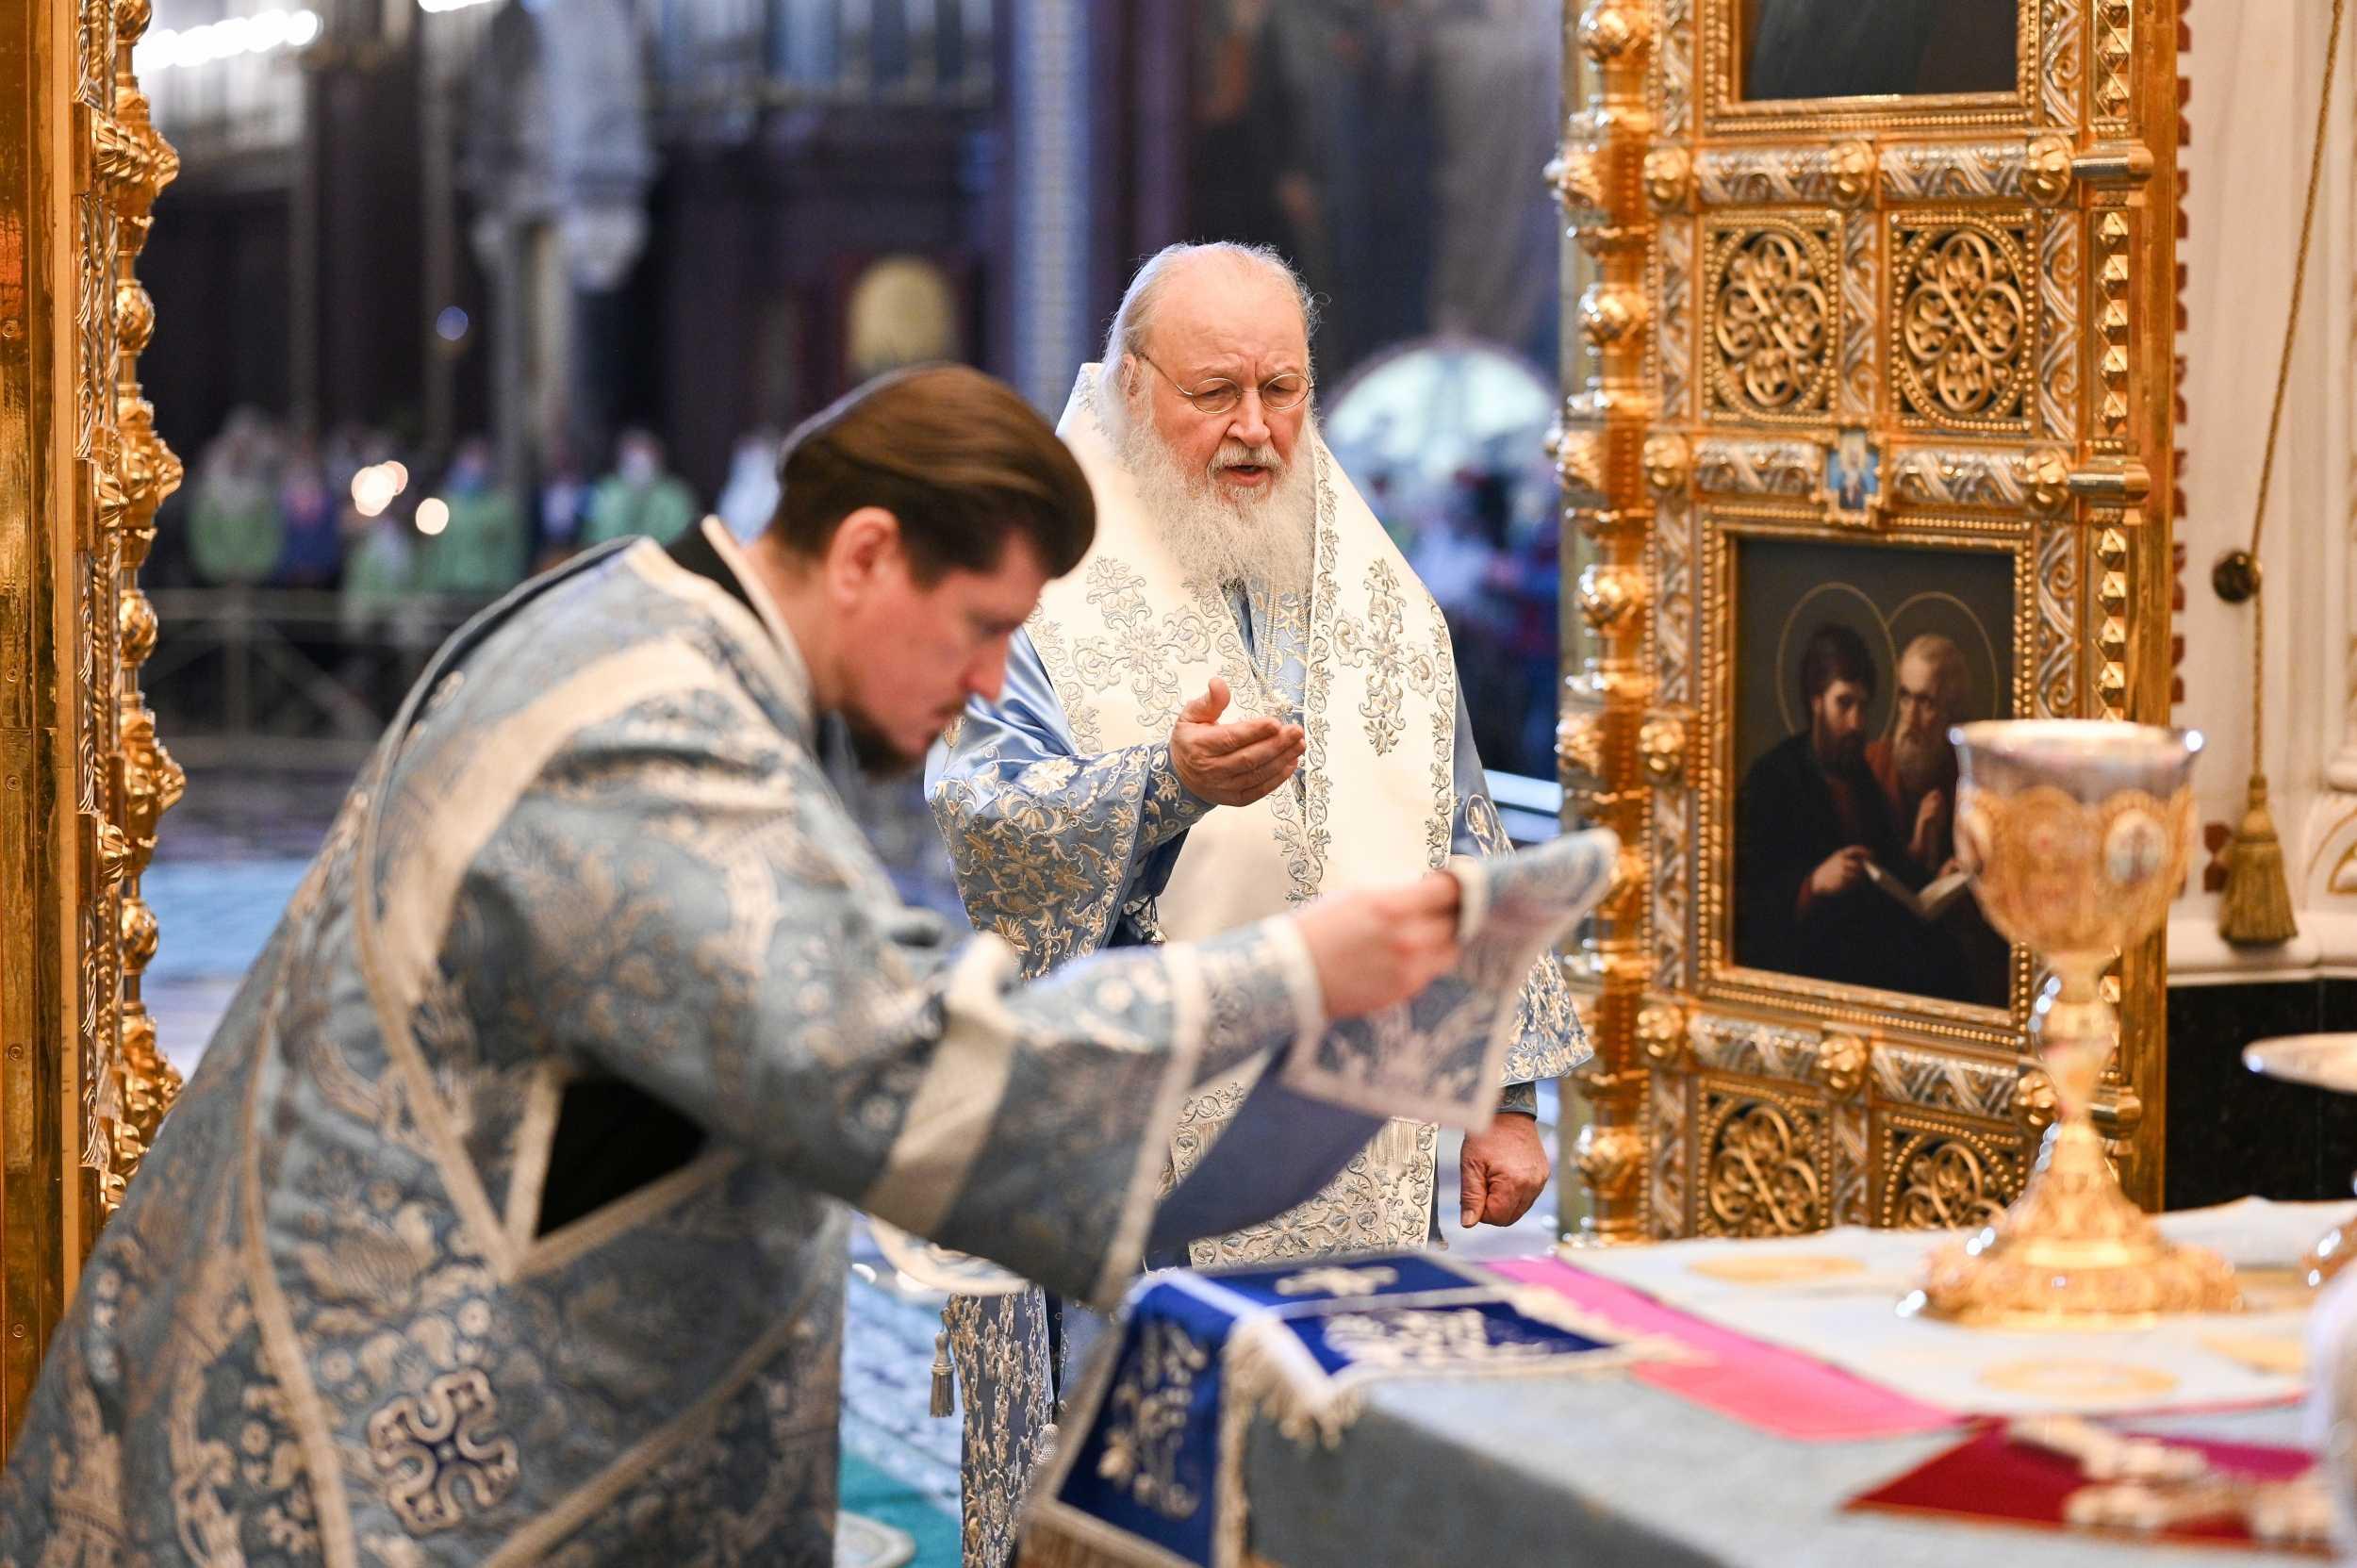 Патриарх Кирилл: святые дары не подвержены инфекции